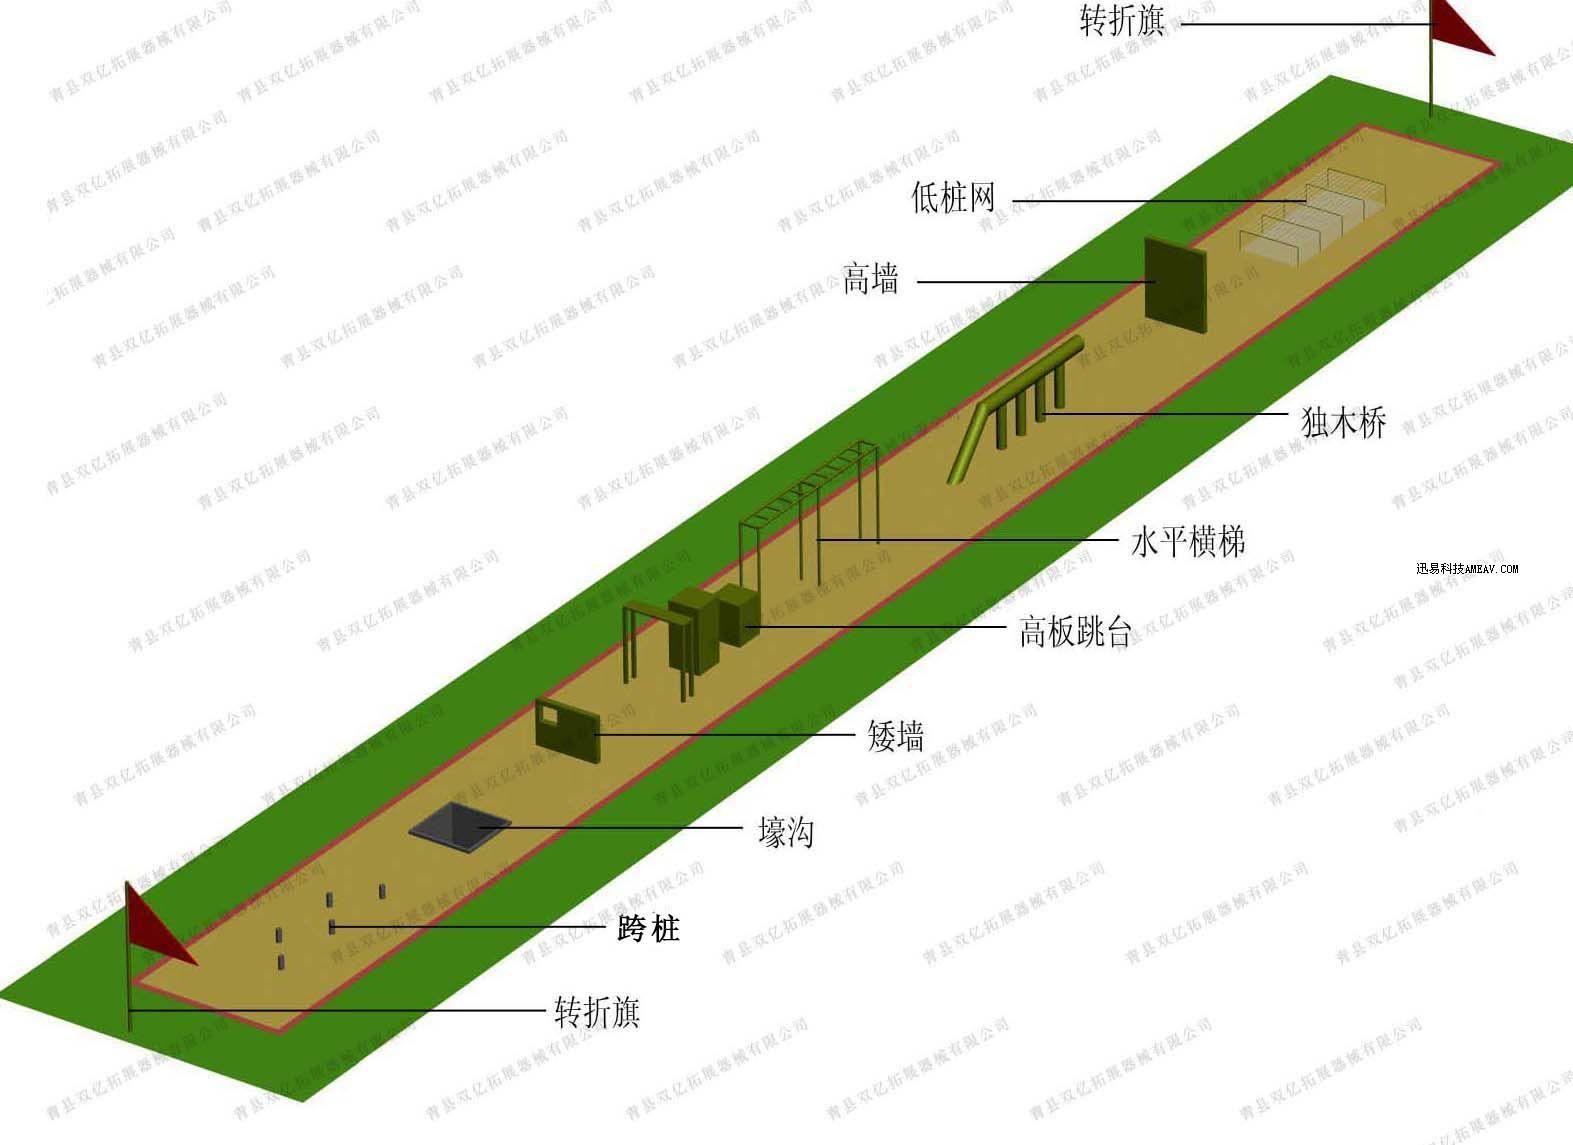 名称:军事400米障碍场—百米障碍